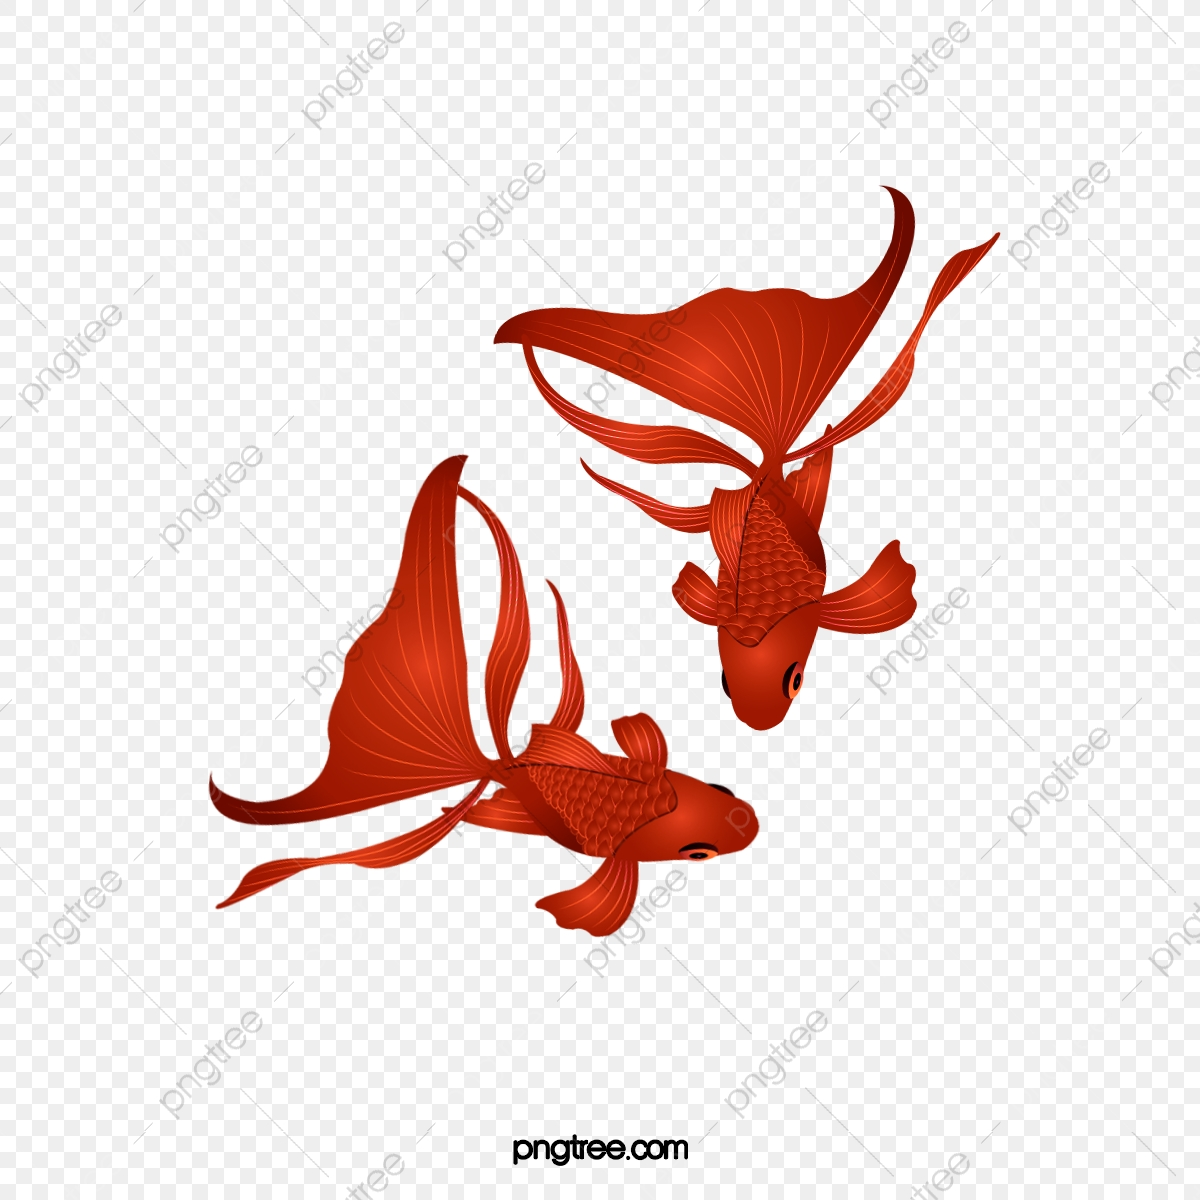 漫画手描きかわいい赤い金魚イラスト 金魚 赤 かわいい画像とpsd素材ファイルの無料ダウンロード Pngtree